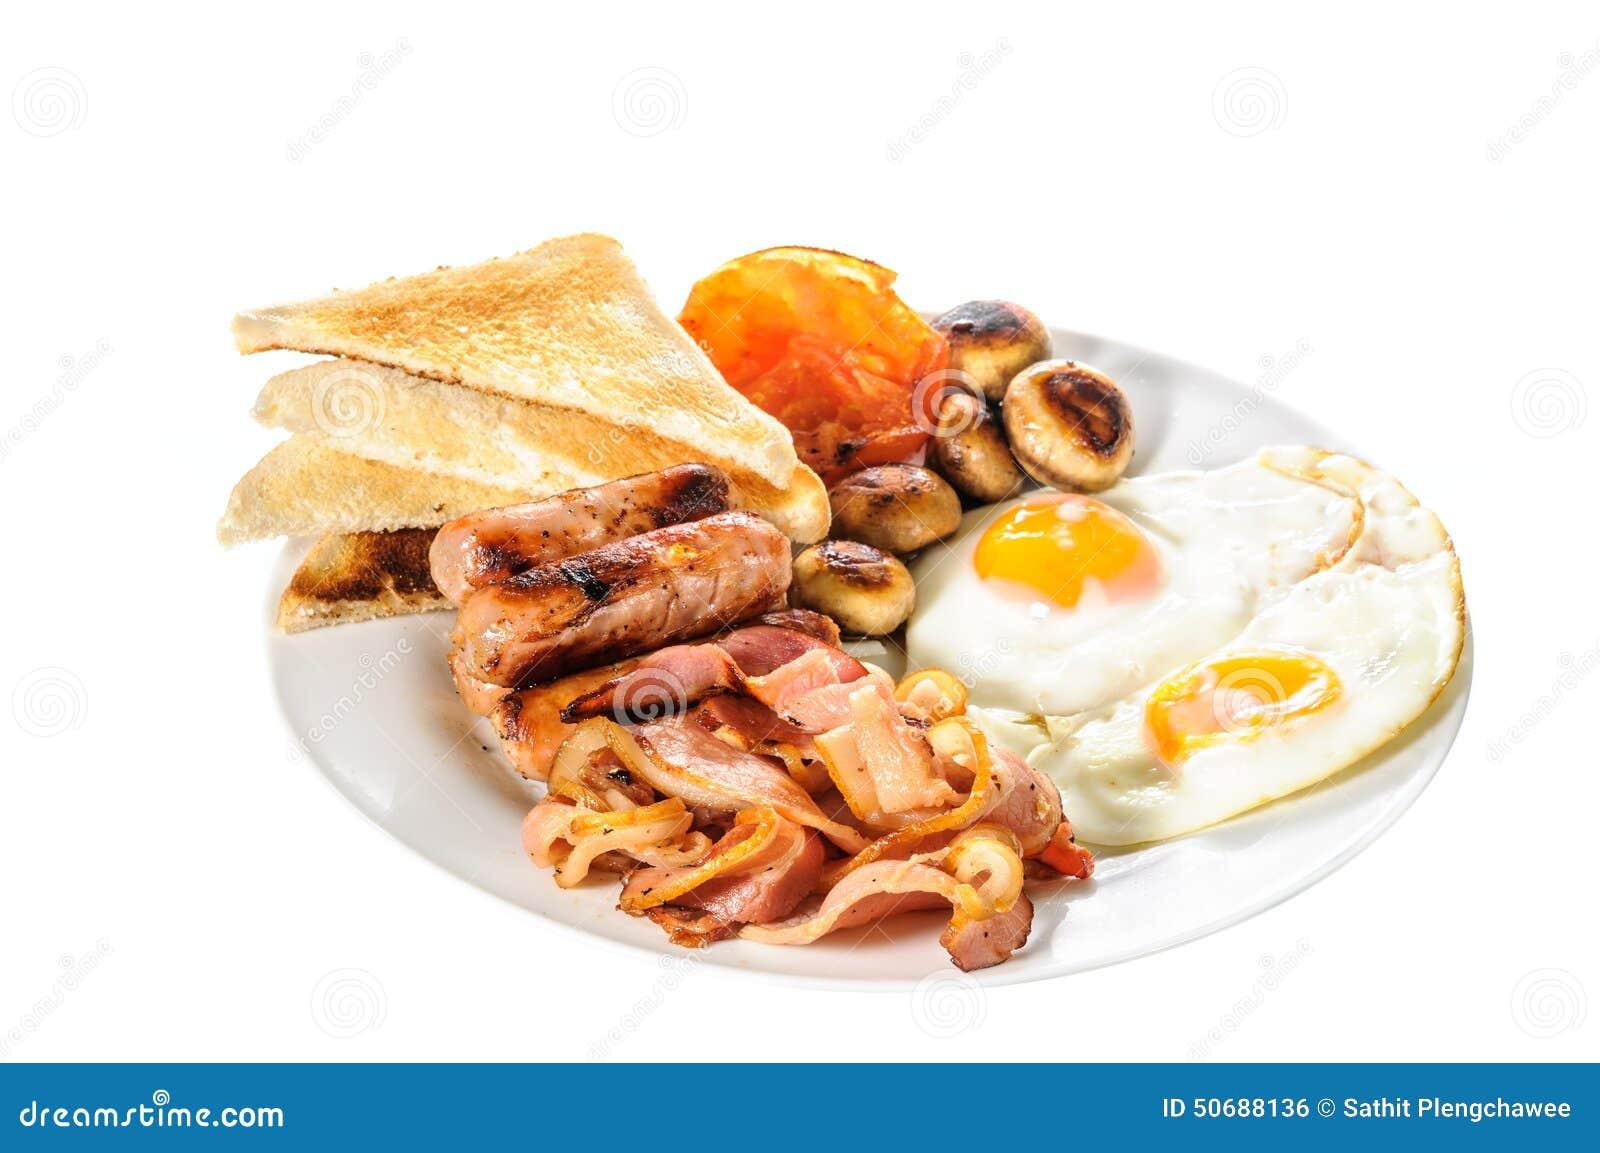 Download 英国大早餐 库存照片. 图片 包括有 猪肉, 烹调, 制动手, 油煎, 油炸物, 蘑菇, 袋子, 蕃茄, 空白 - 50688136